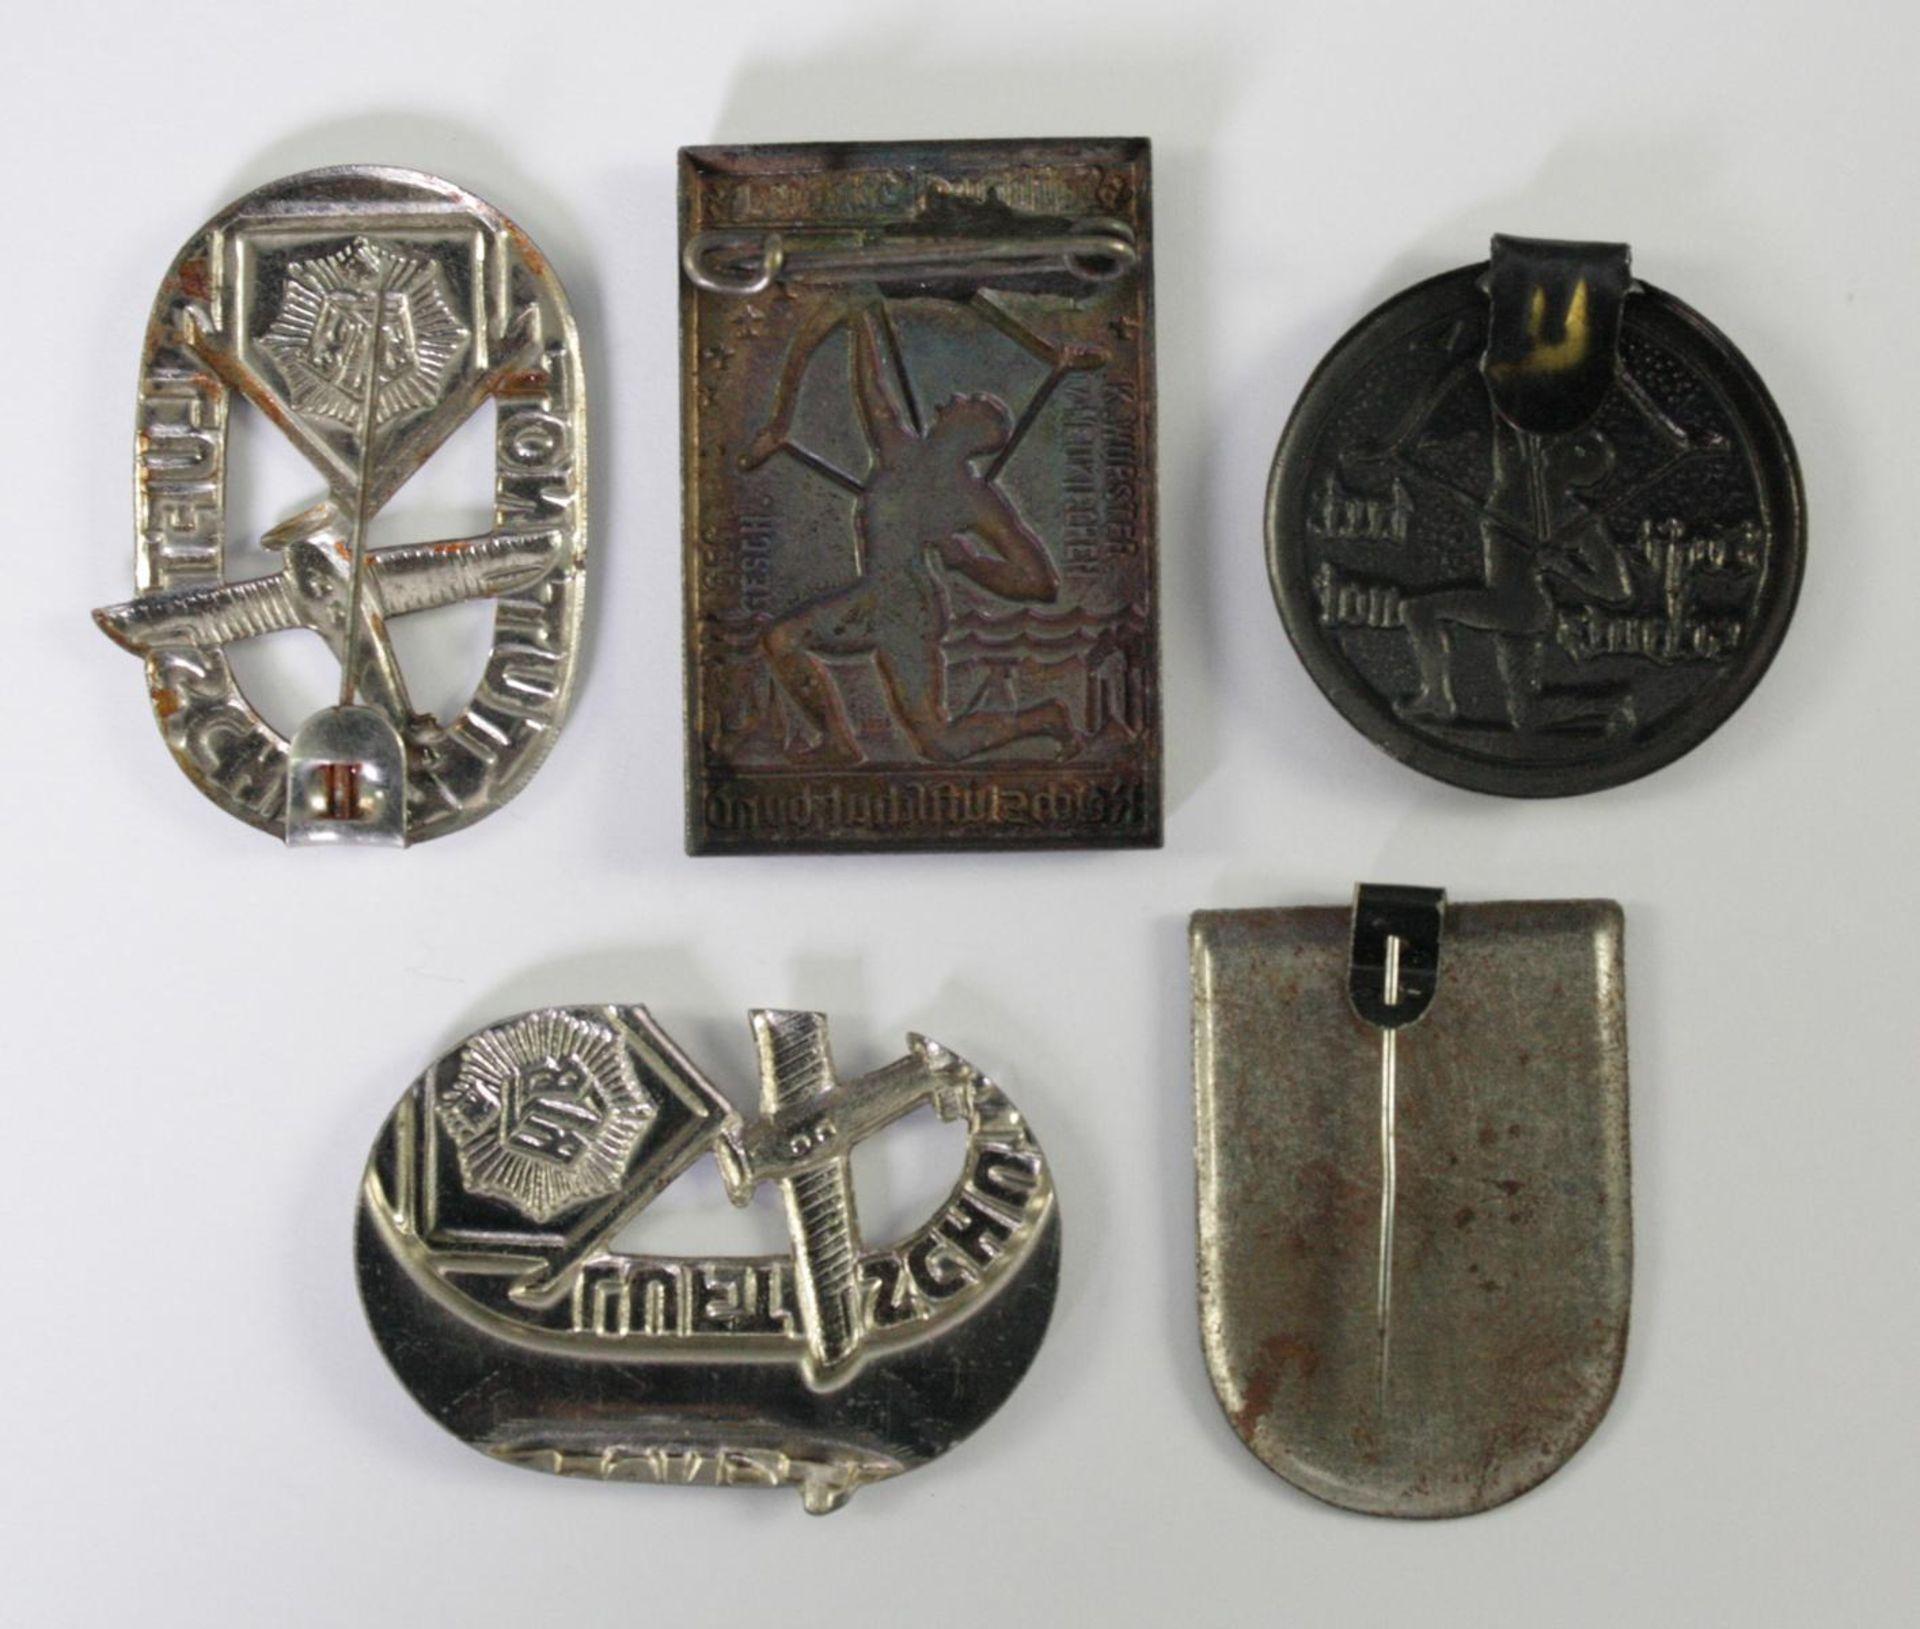 Kleinabzeichen Thema Luftschutz, RLB - Reichsluftschutzbund - Bild 2 aus 2